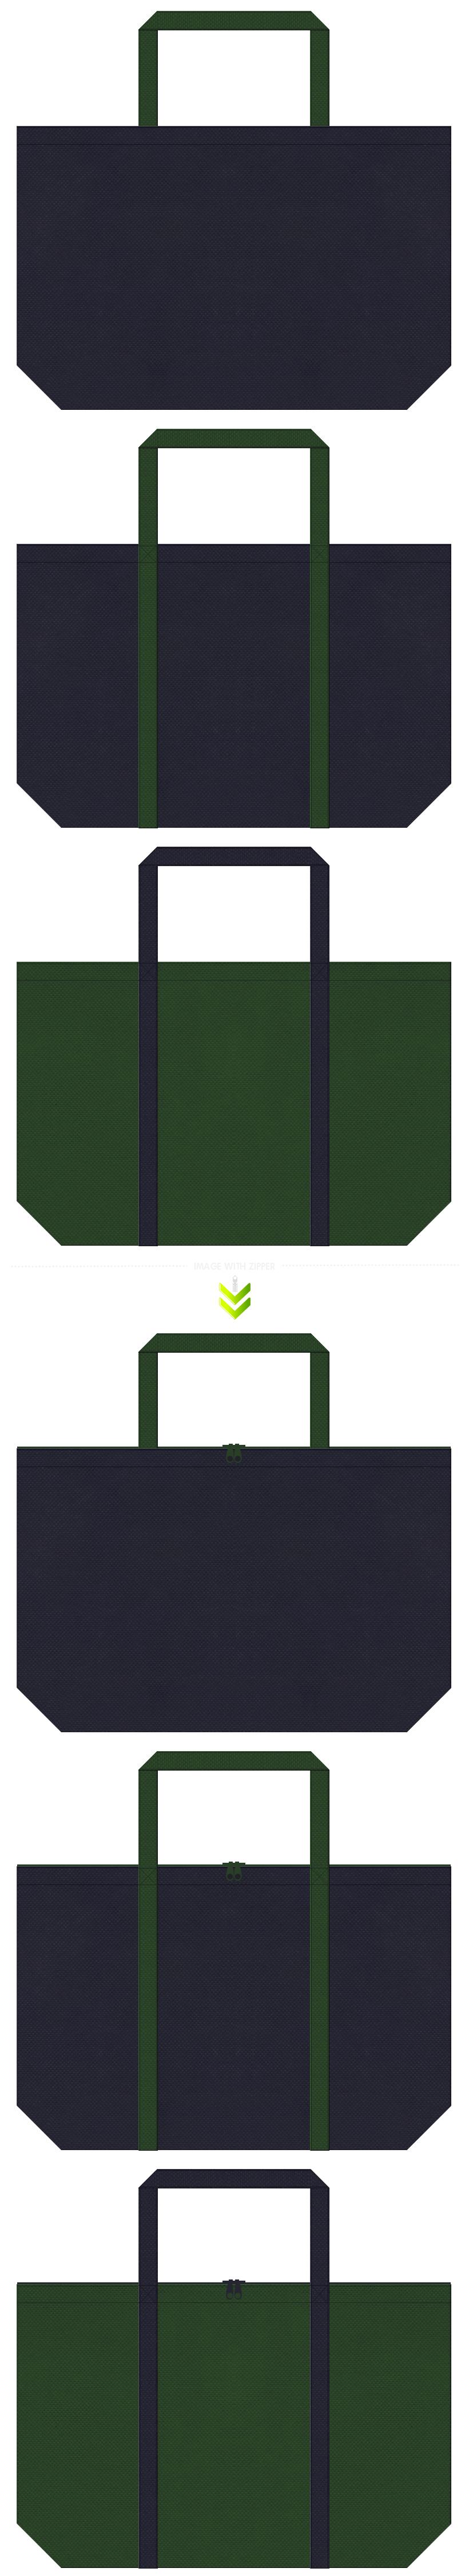 濃紺色と濃緑色の不織布エコバッグのデザイン。メンズ商品のショッピングバッグにお奨めの配色です。